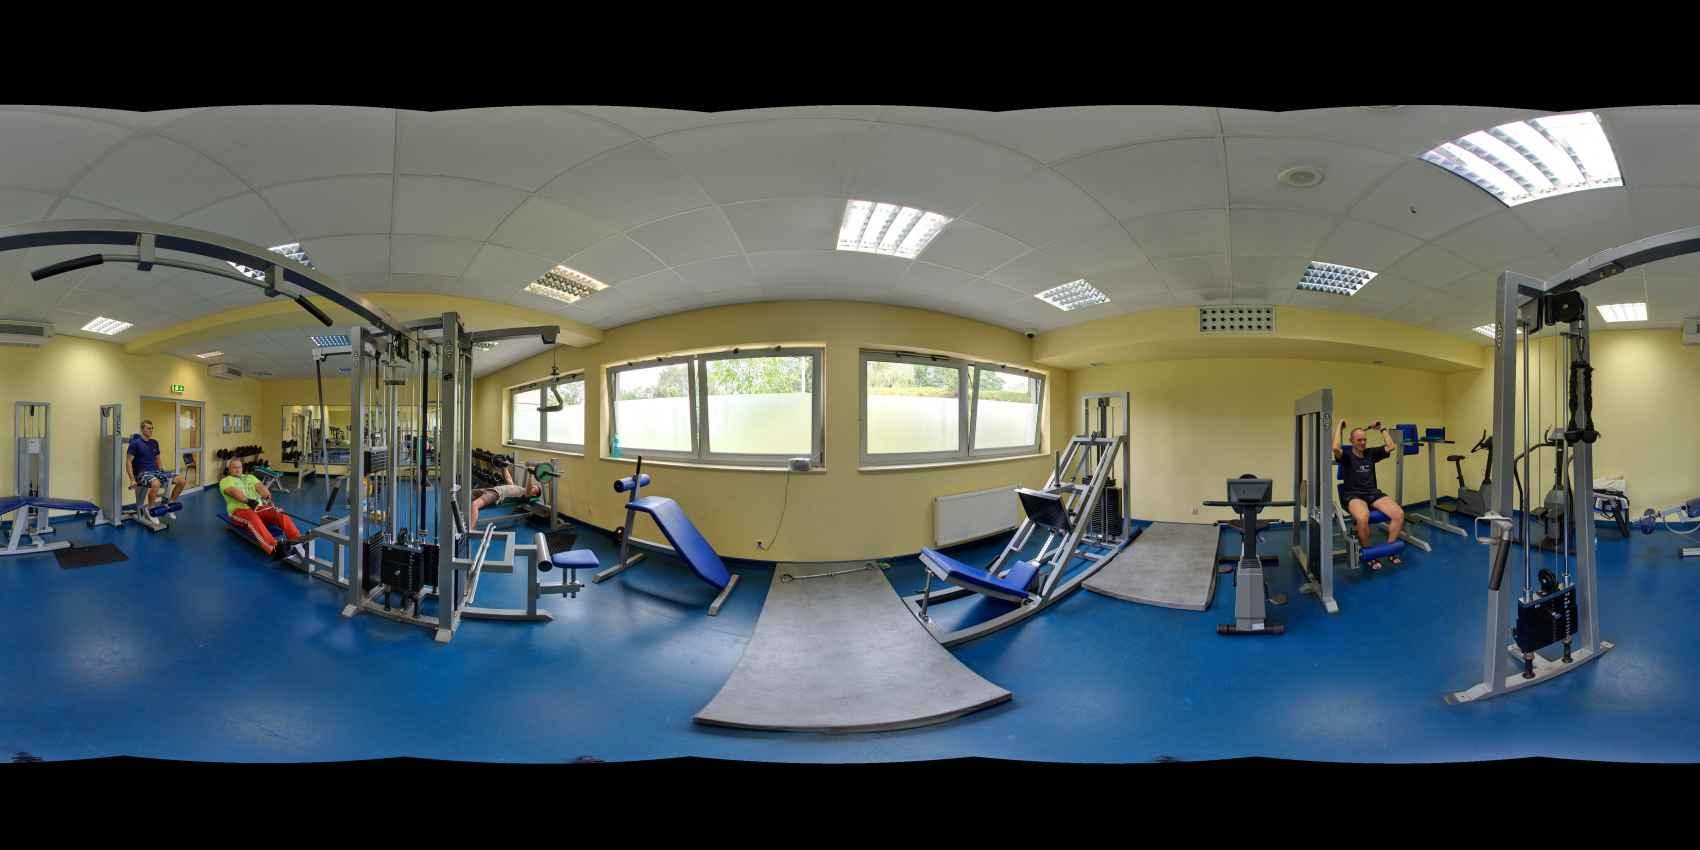 Prezentacja panoramiczna dla obiektu Centrum Sportu i Rekreacji